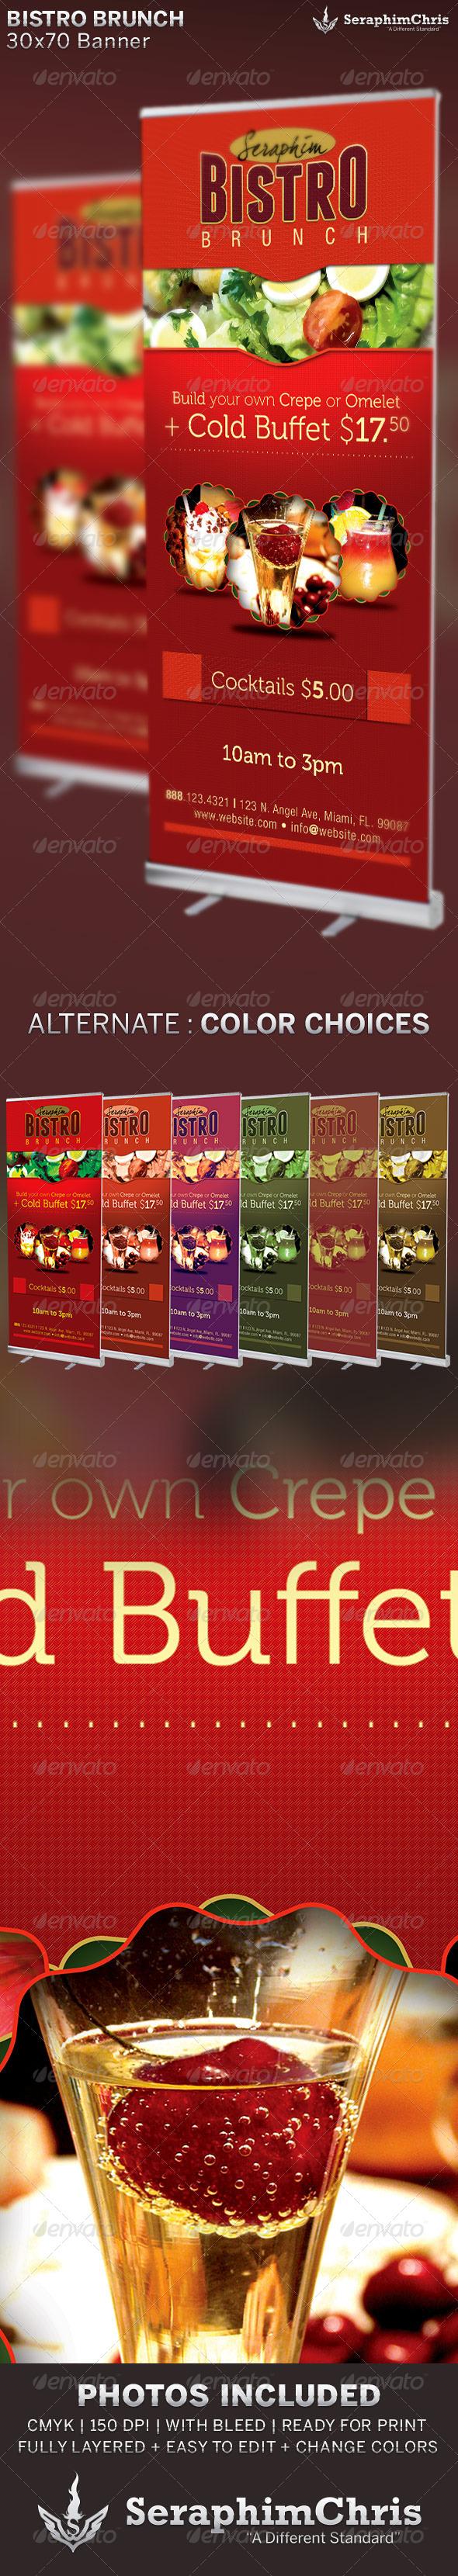 GraphicRiver Bistro Brunch Restaurant Banner Template 6523695